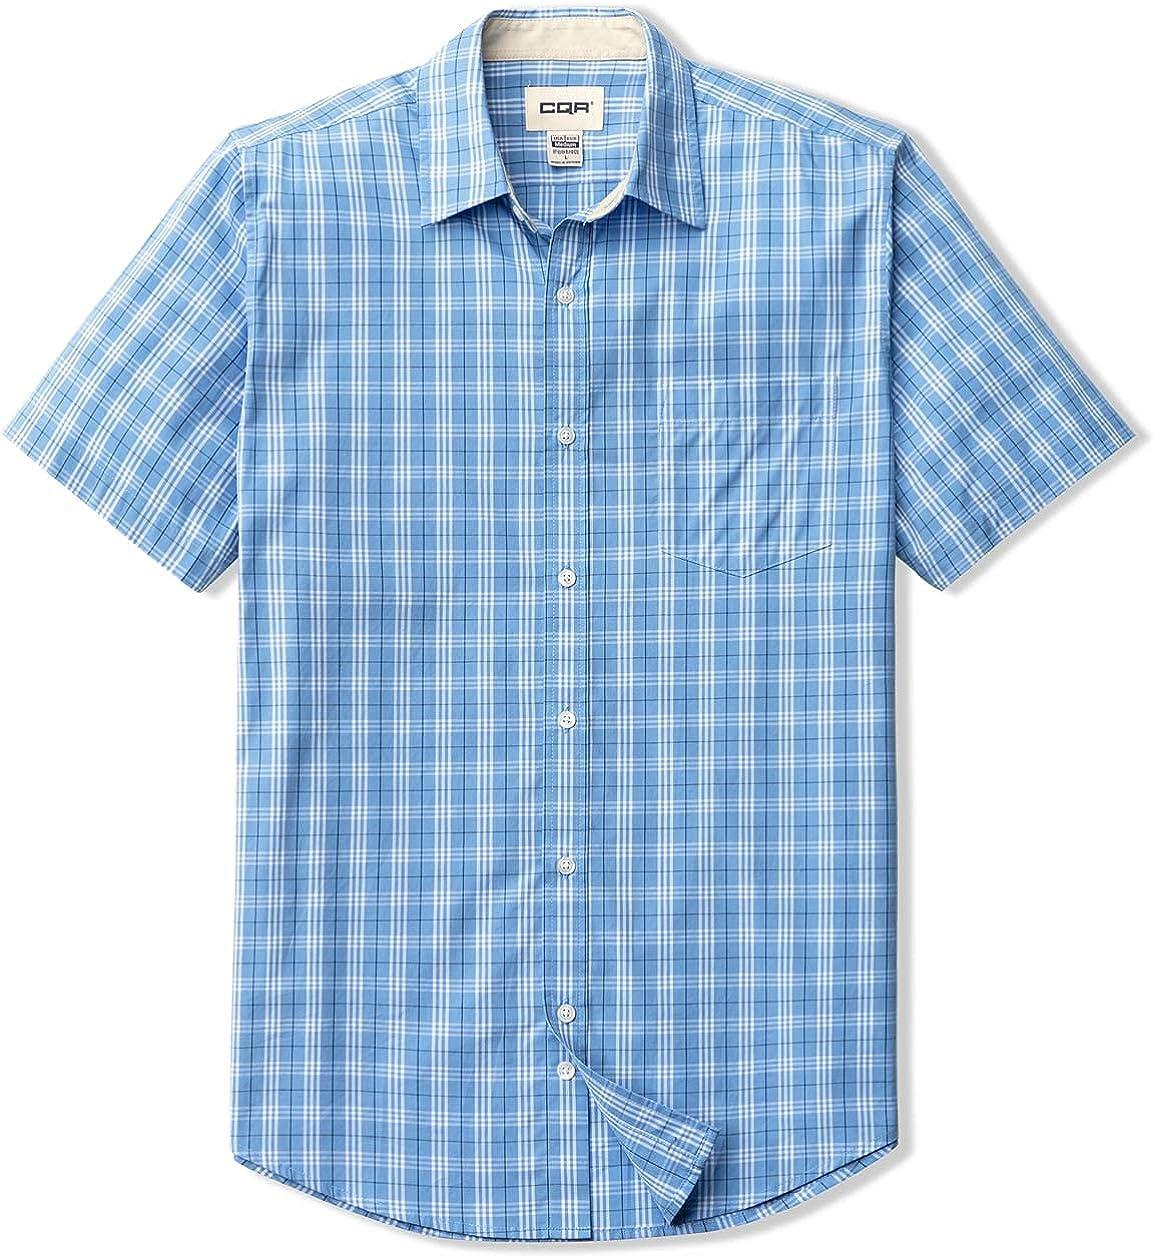 CQR Men's Regular Fit Short Sleeve Shirts, 100% Cotton Button-Up Casual Poplin Shirt